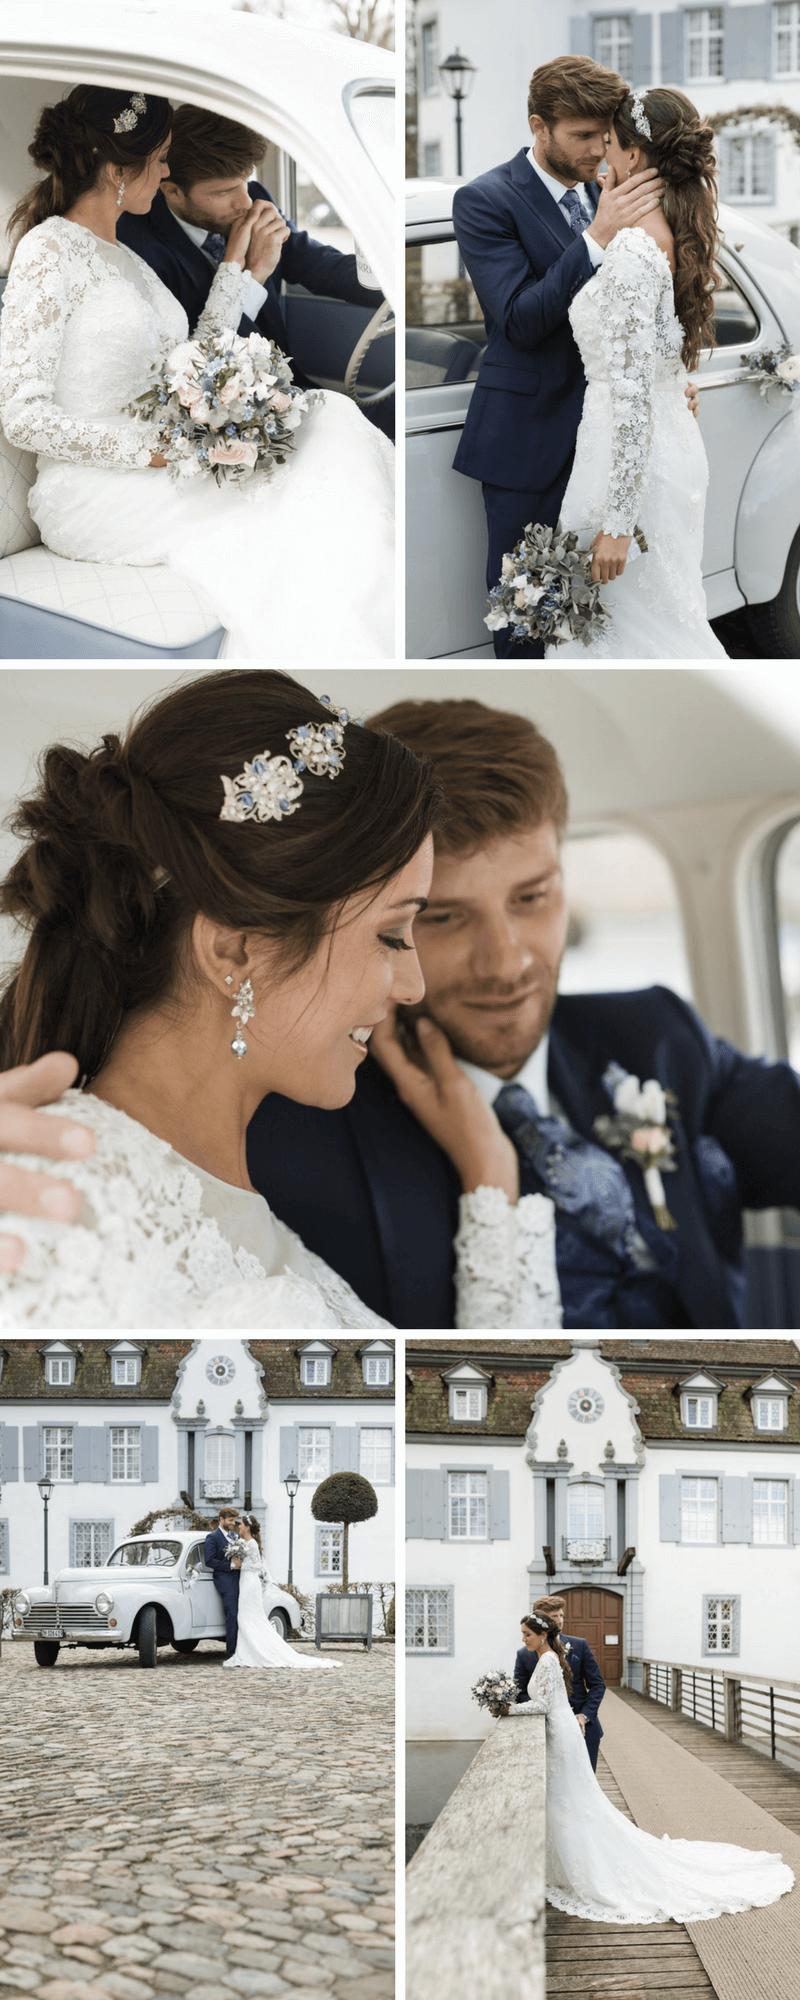 Barock Hochzeit, Hochzeit in Blau, Hochzeitsdeko blau